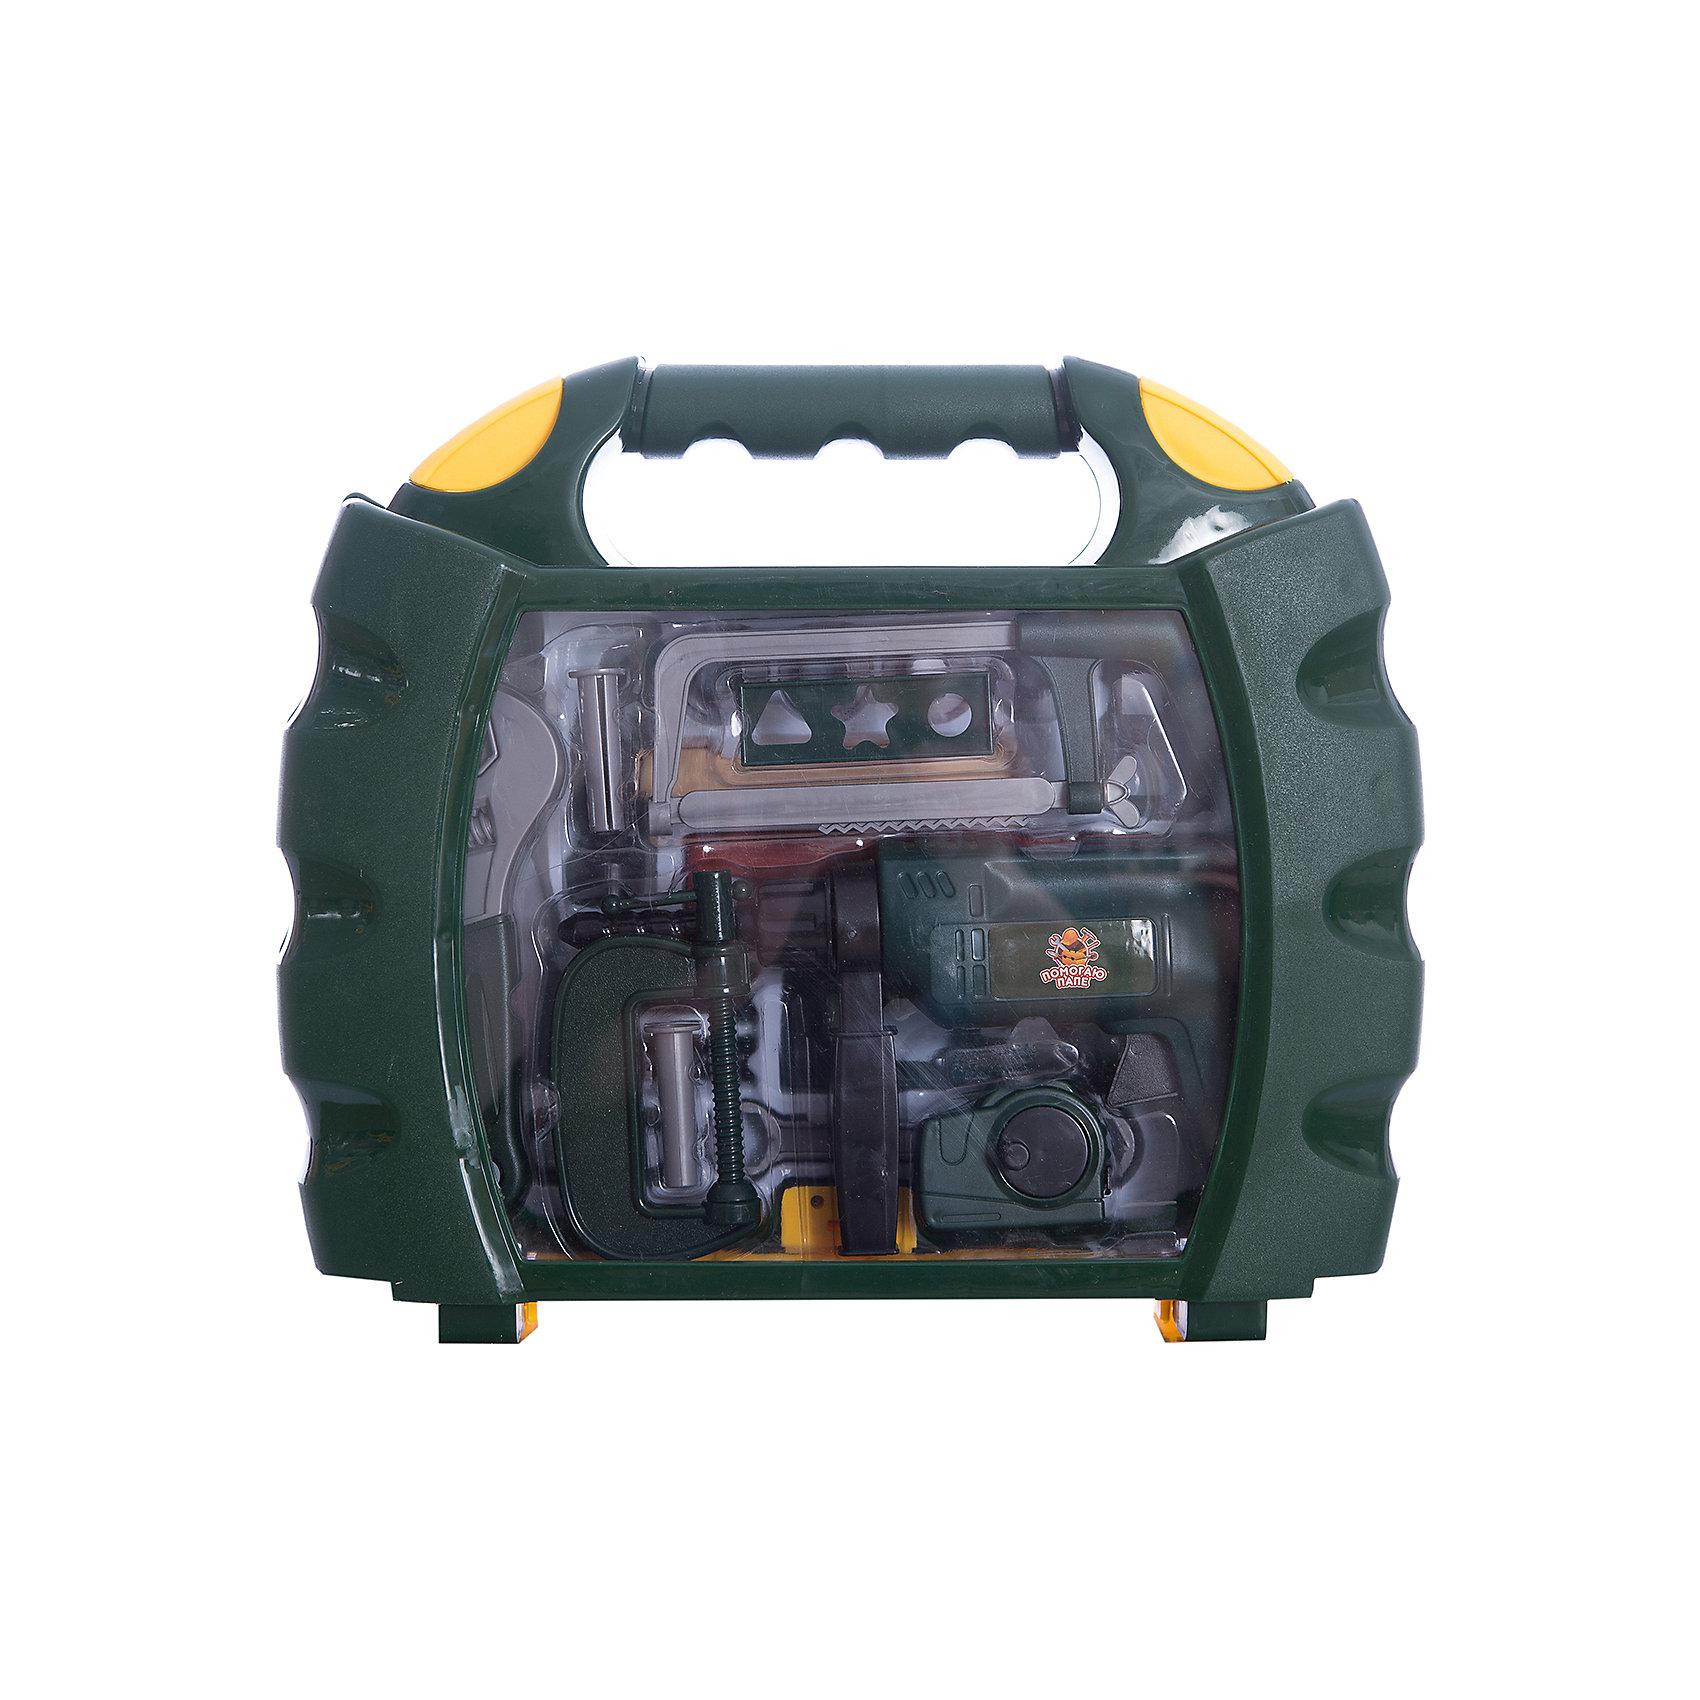 Набор инструментов в чемодане Помогаю Папе, 22 предм., ABtoysМастерская и инструменты<br>Помогаю Папе. Набор инструментов в чемодане, 22 предмета, 39х9х33,5 см<br><br>Ширина мм: 390<br>Глубина мм: 90<br>Высота мм: 335<br>Вес г: 1170<br>Возраст от месяцев: 36<br>Возраст до месяцев: 120<br>Пол: Мужской<br>Возраст: Детский<br>SKU: 5500941